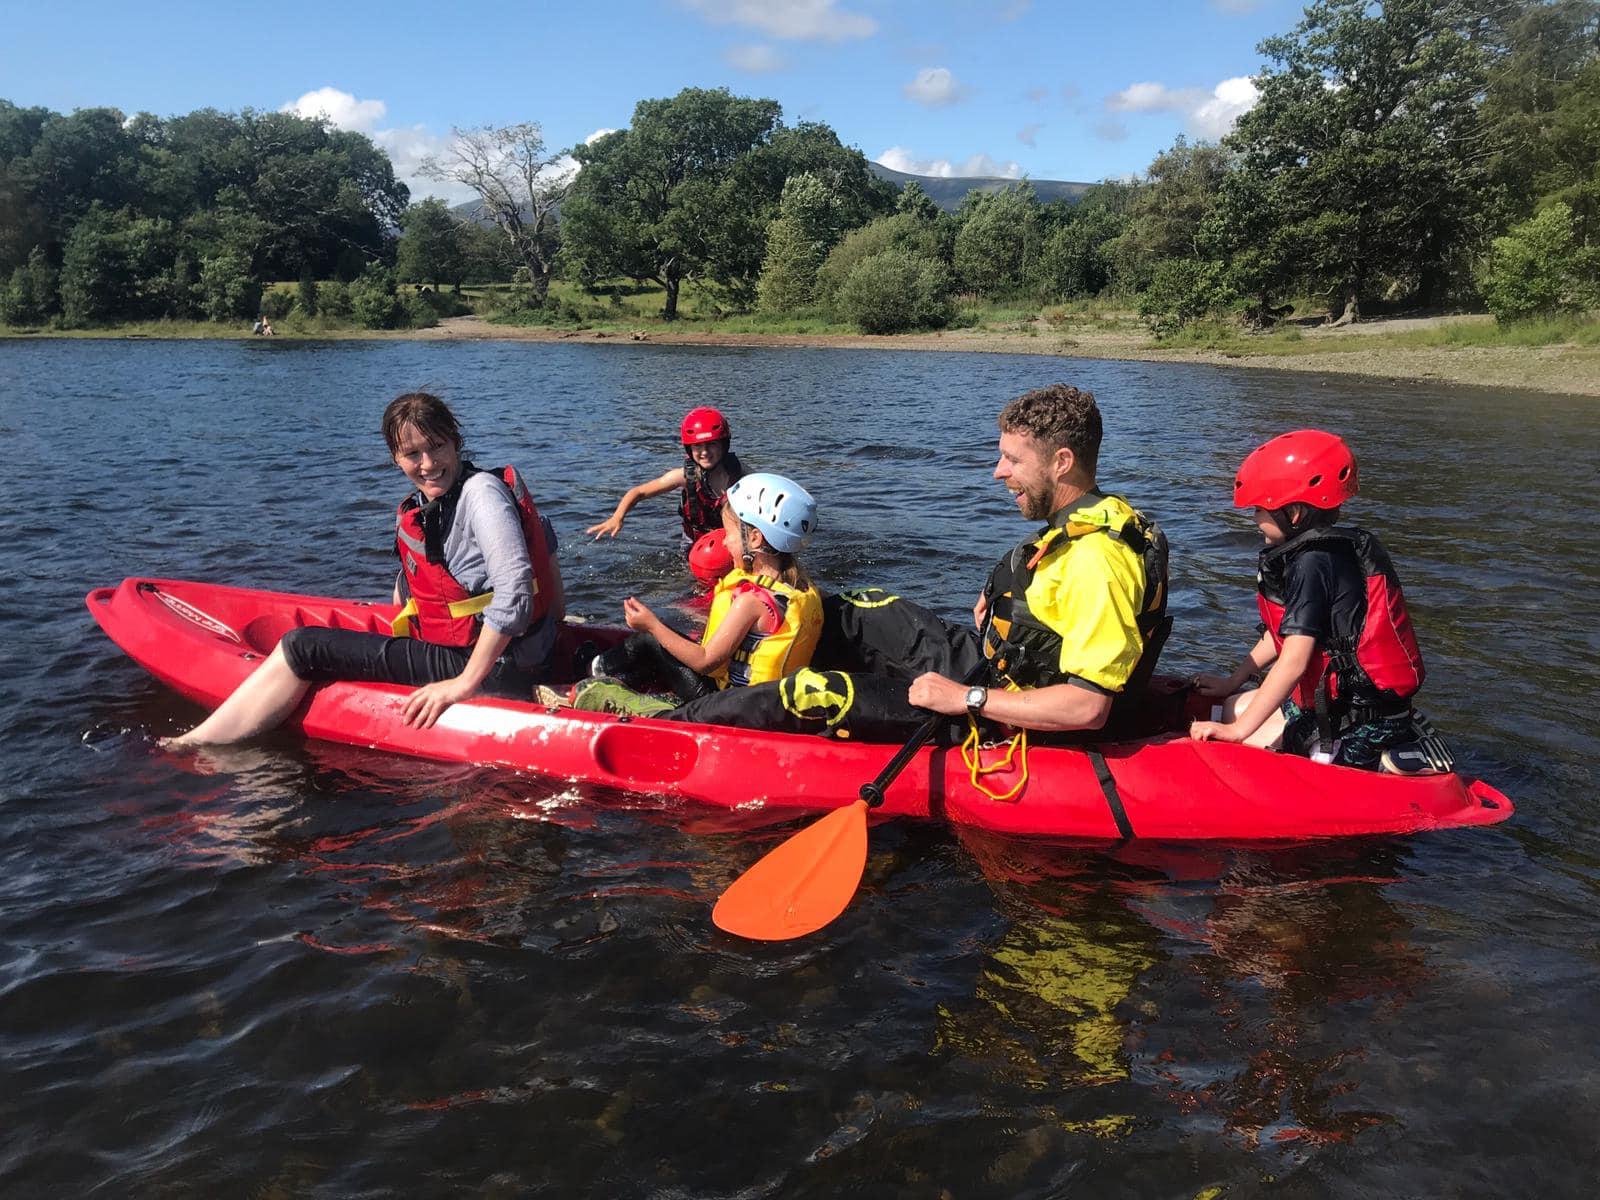 Lake district kayak expereince: Derwentwater kayaking day trip